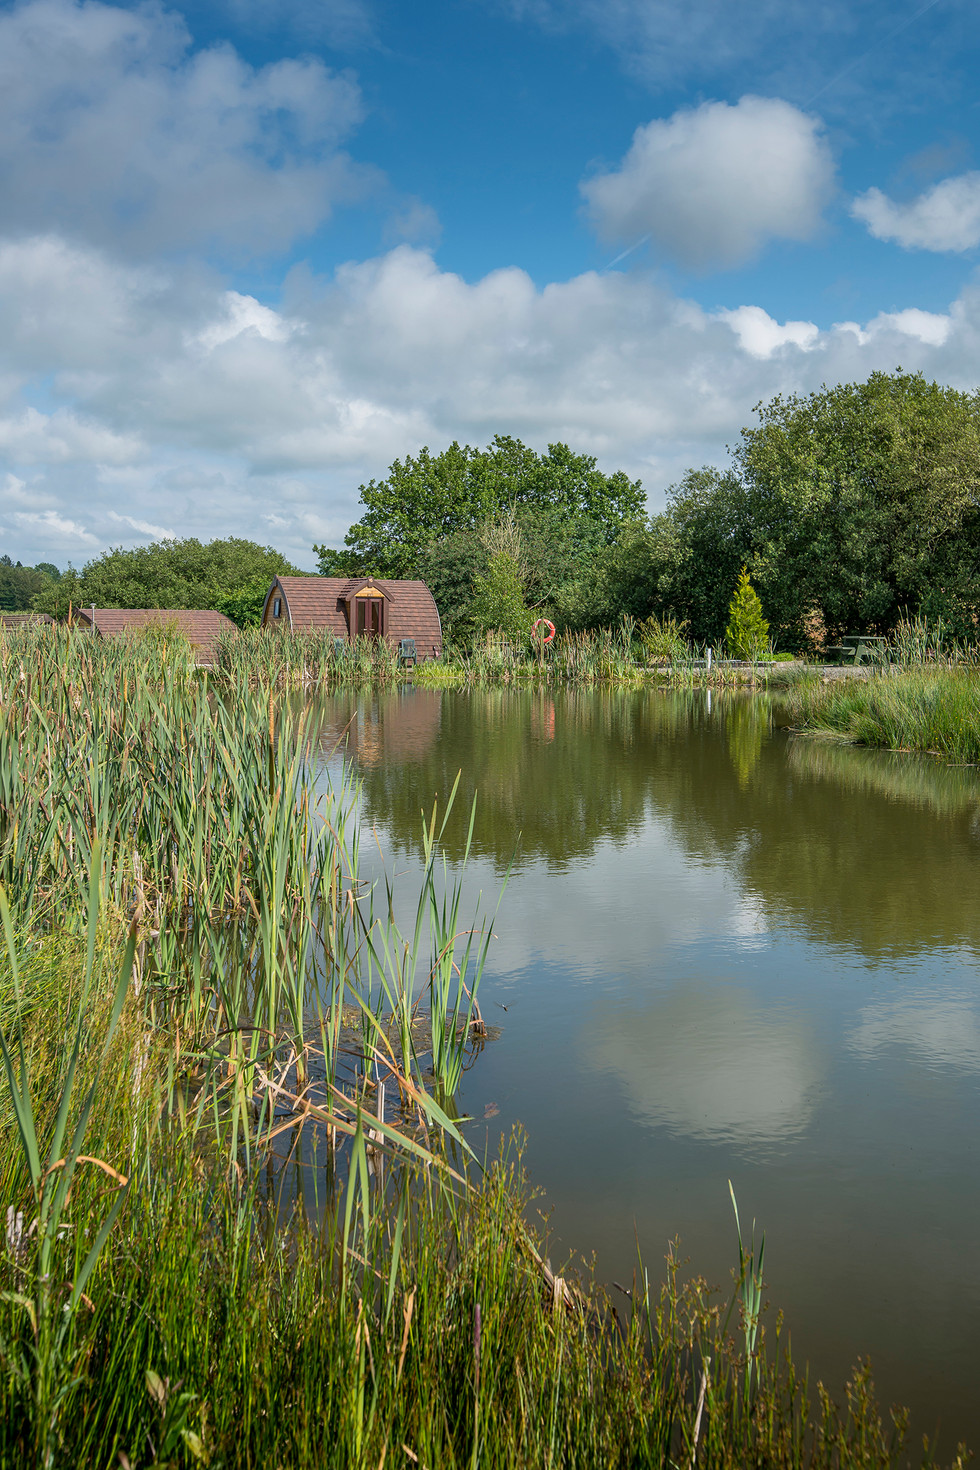 Maerdy Farm Cottages036.jpg